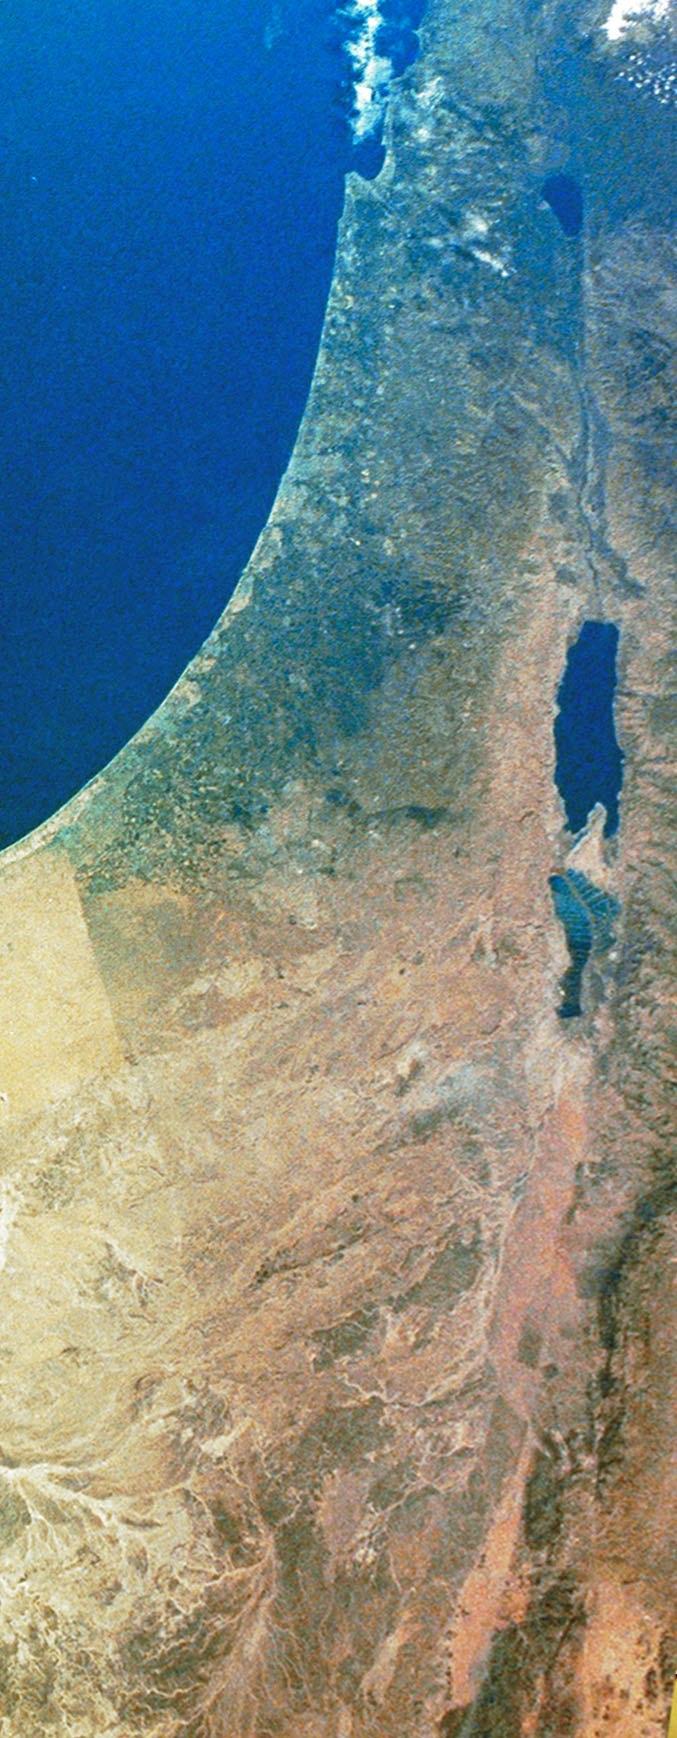 Satellite image of Israel